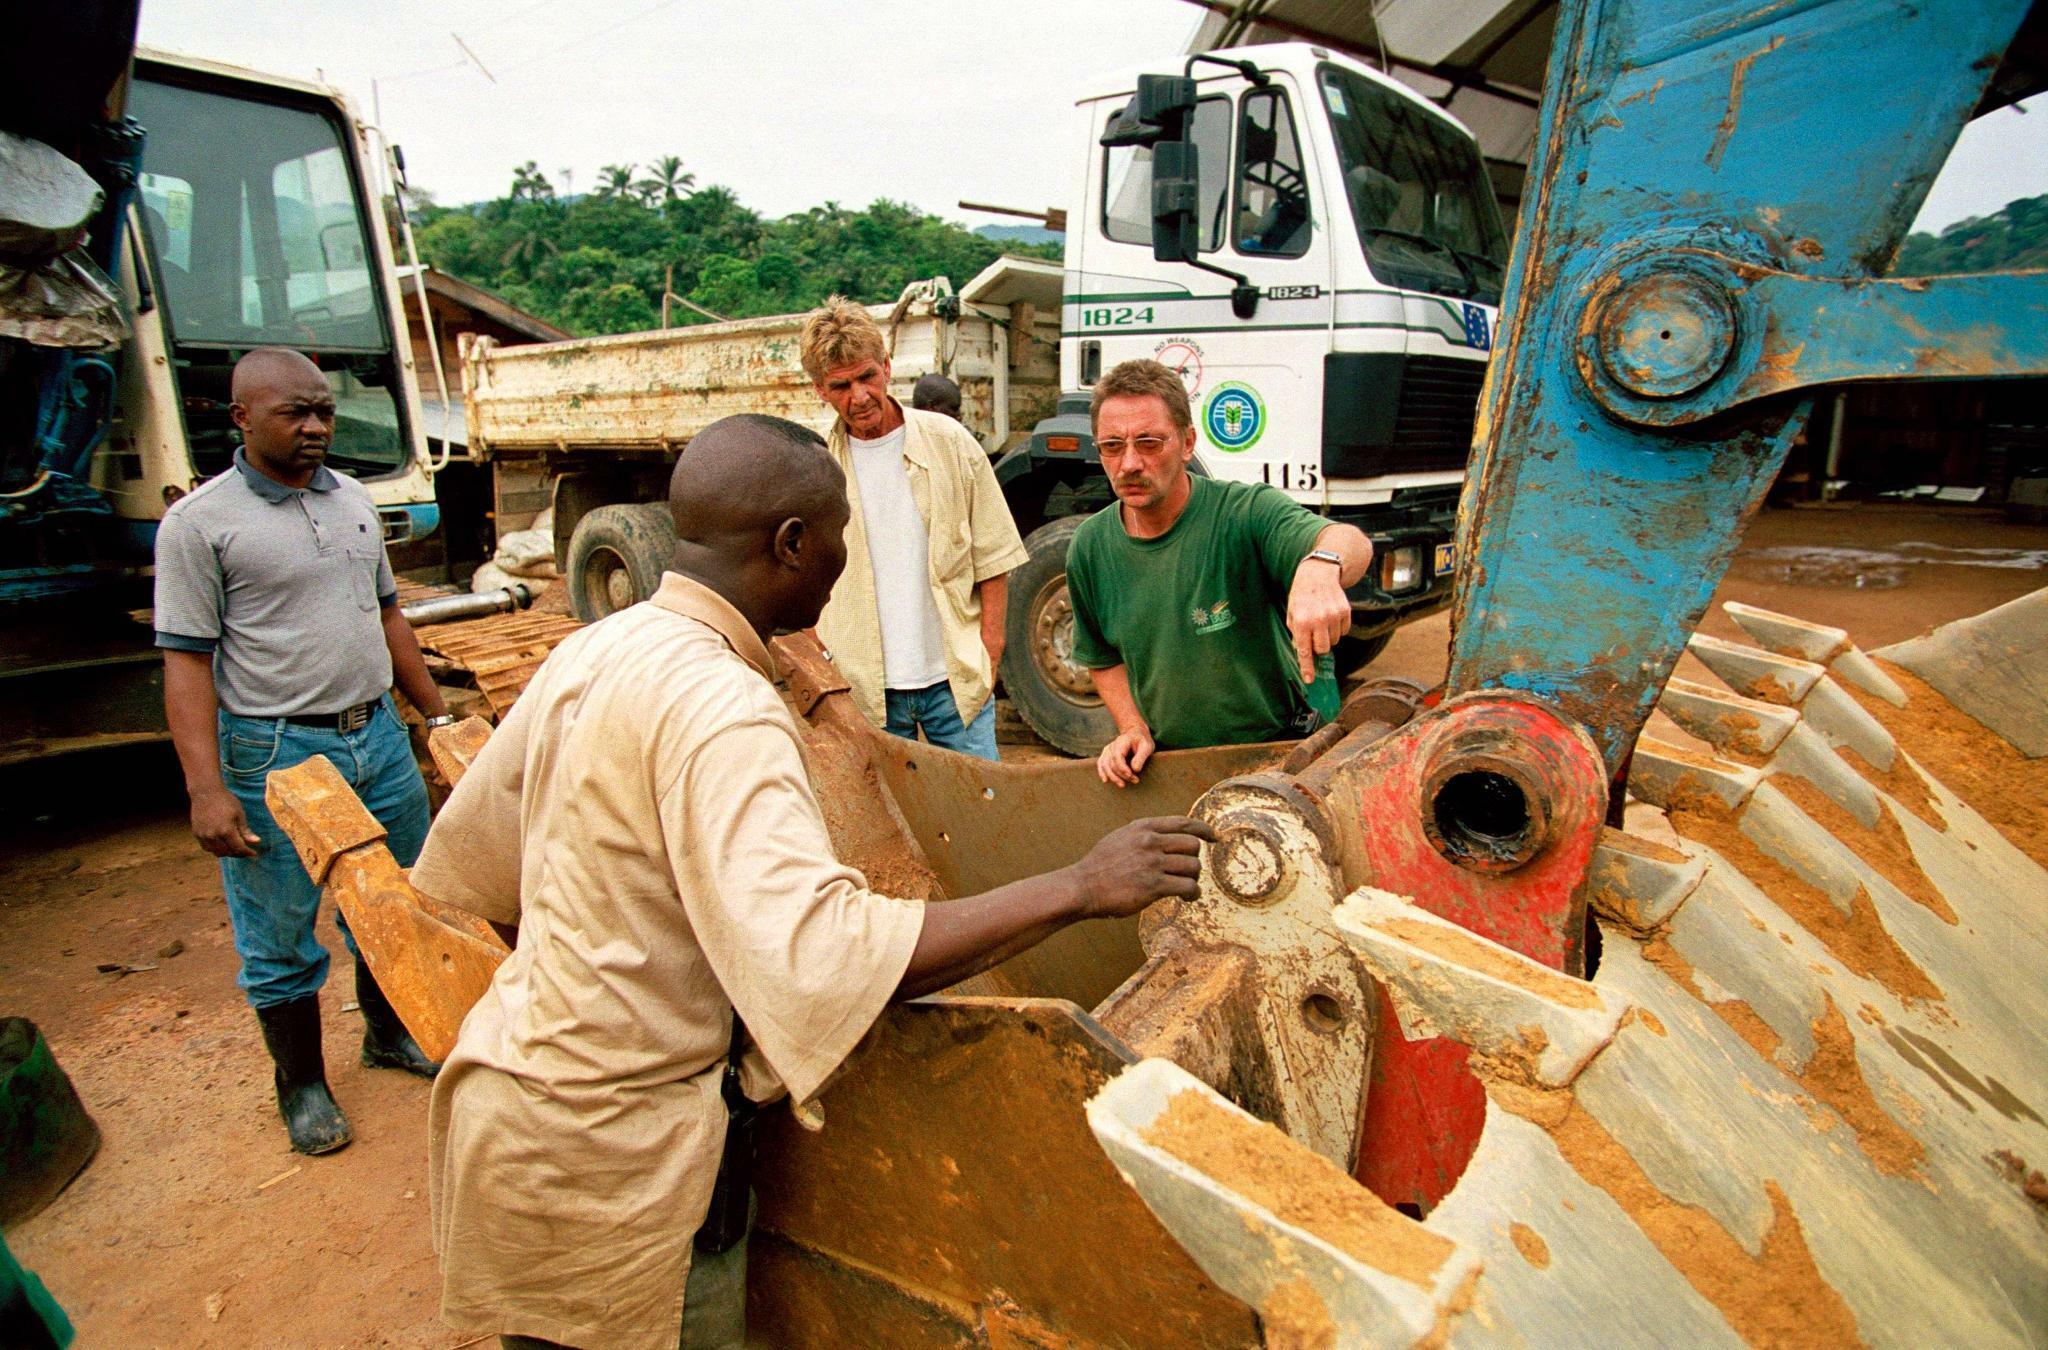 Entwicklungshilfe: Das schädliche Helfersyndrom